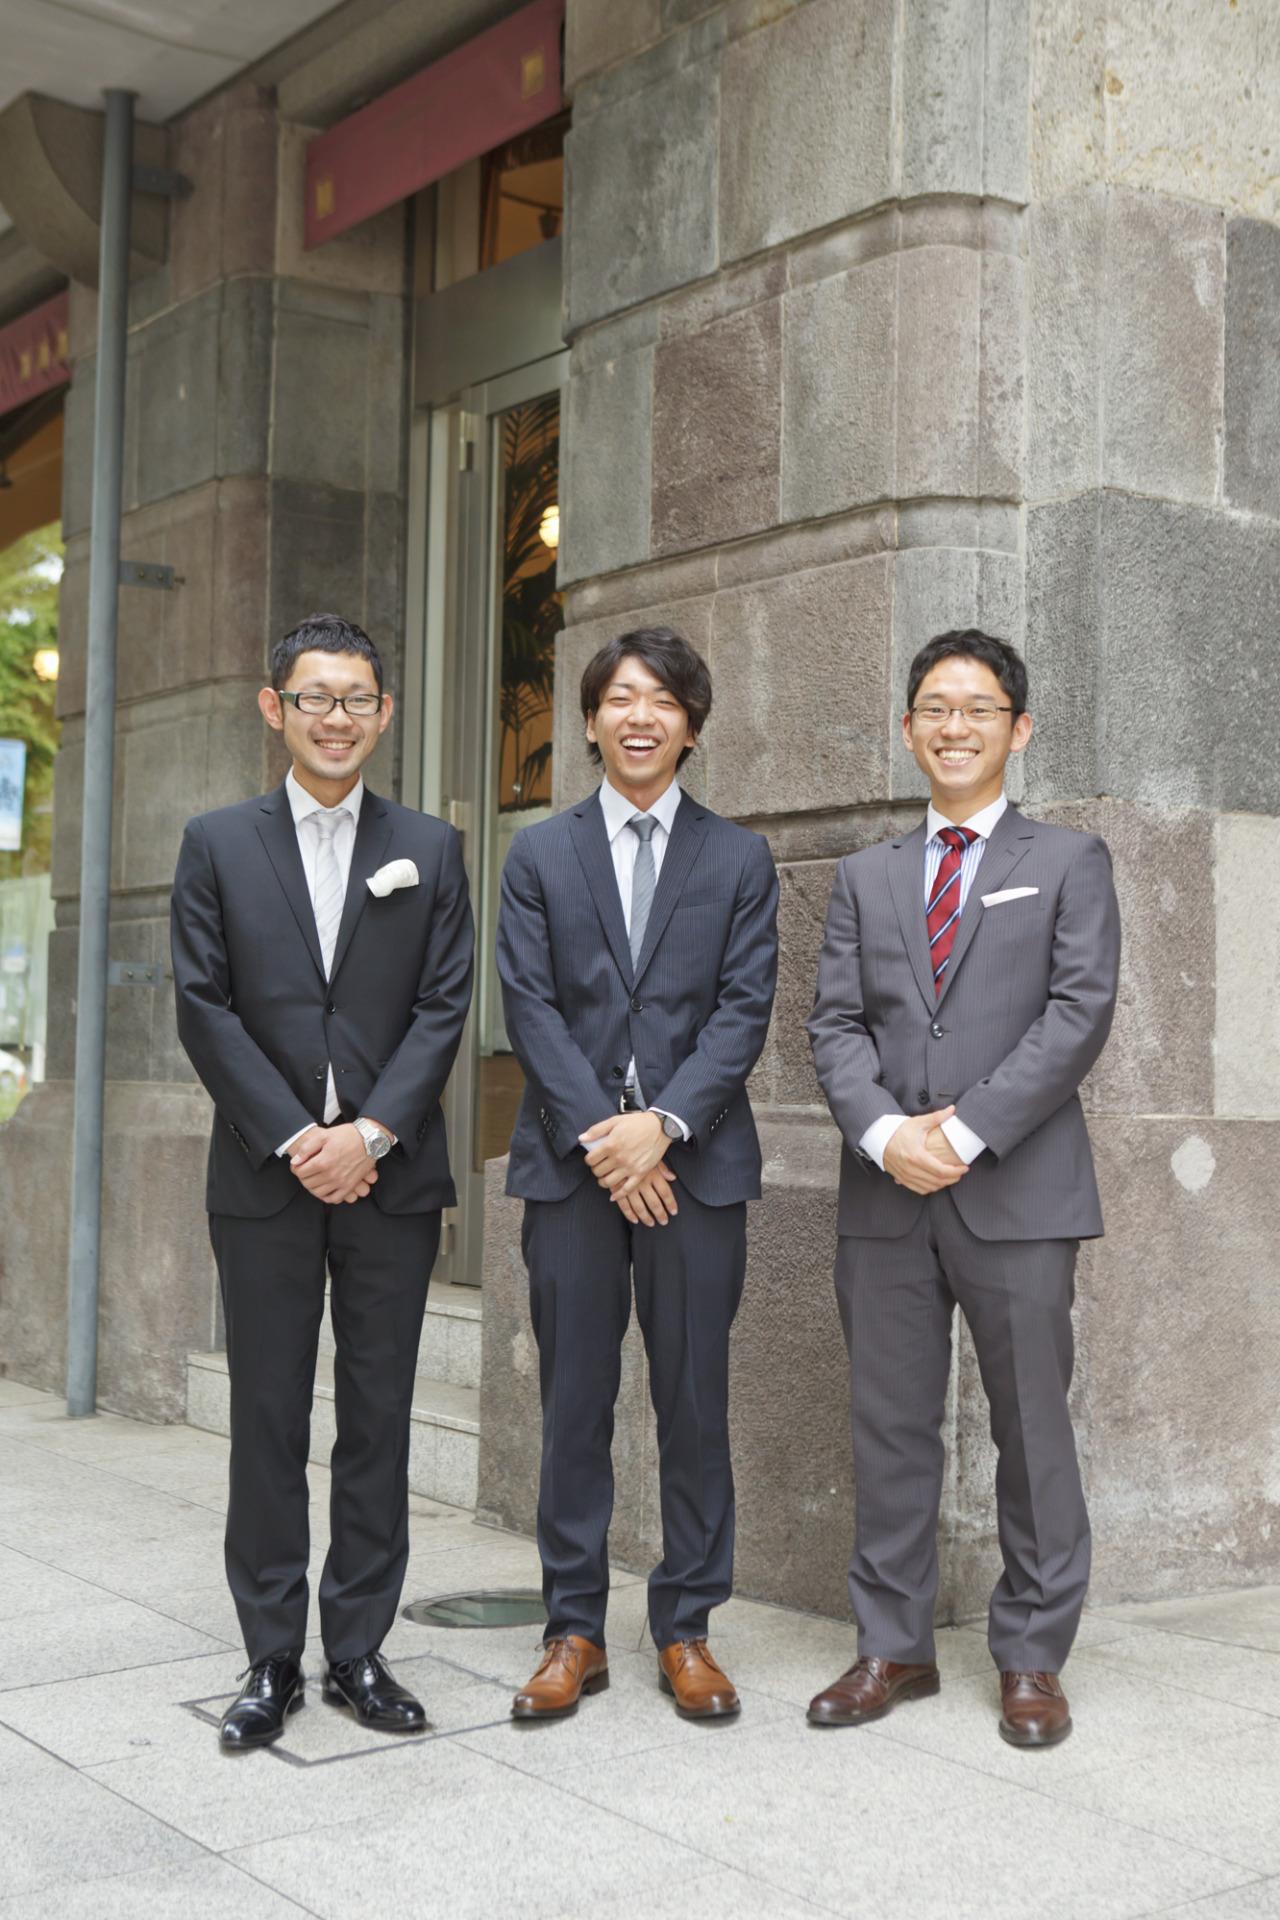 左:KT様、中央:いとーちゃん様、右:GK様